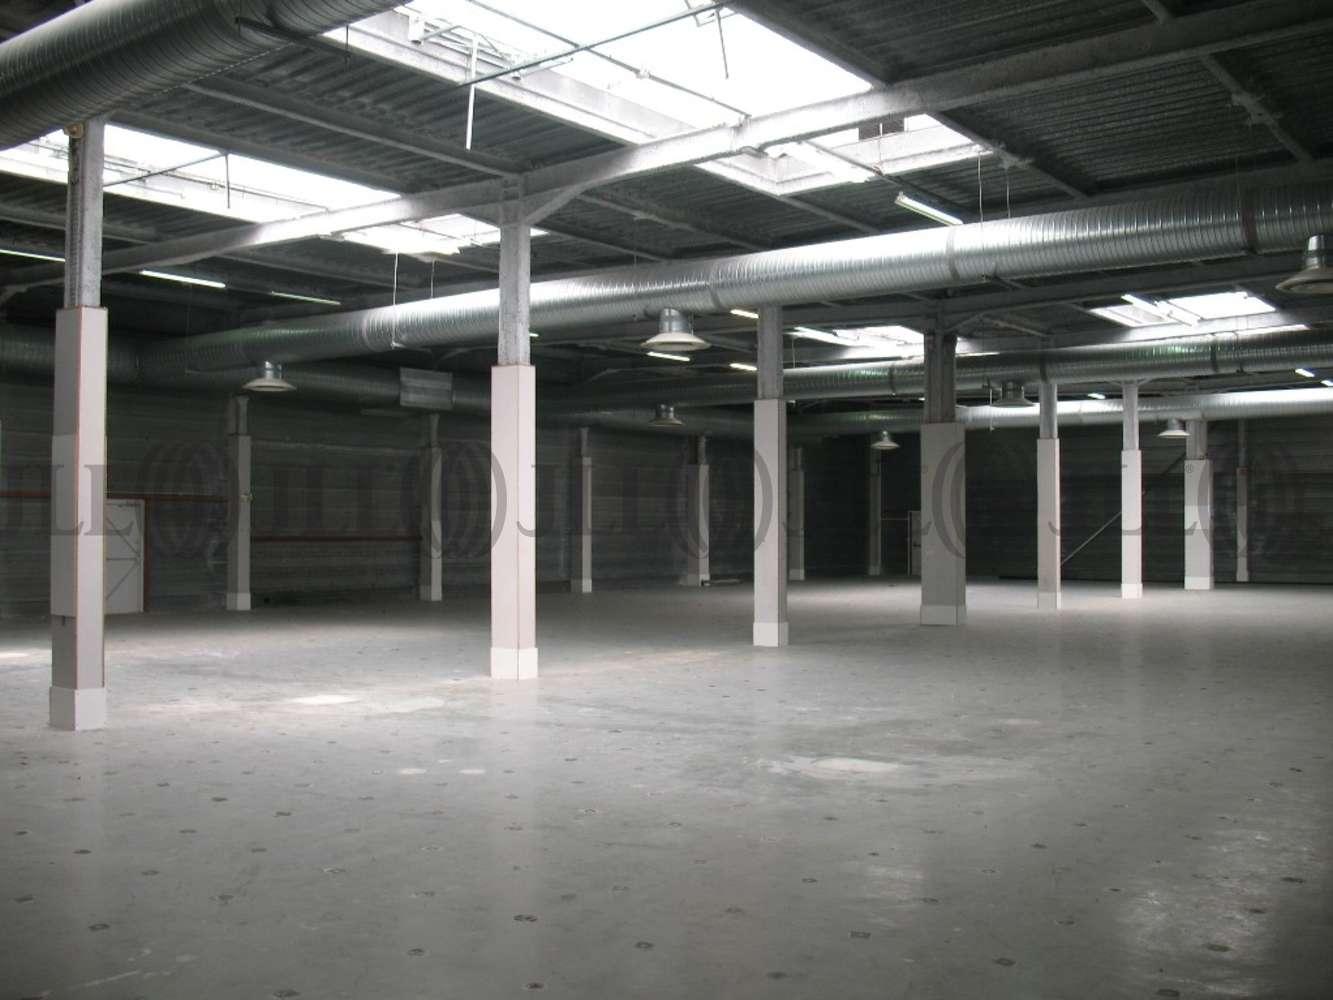 Activités/entrepôt Velizy villacoublay, 78140